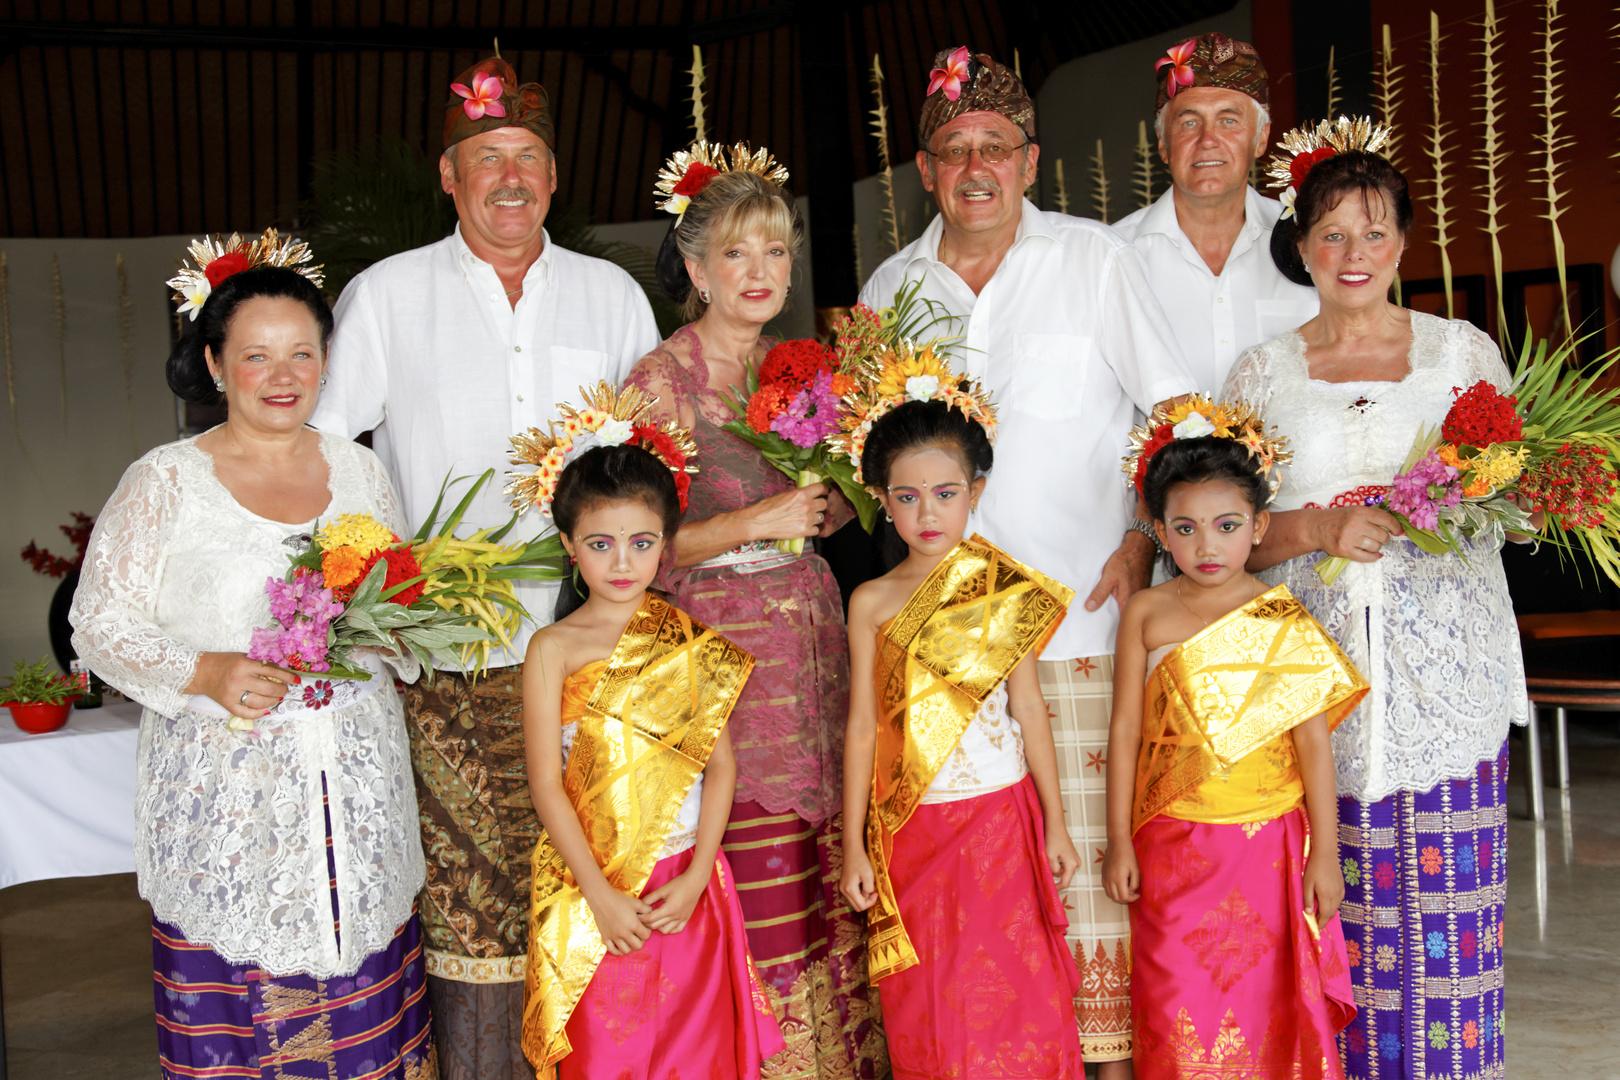 Balinesische Hochzeitszeremonie (2)